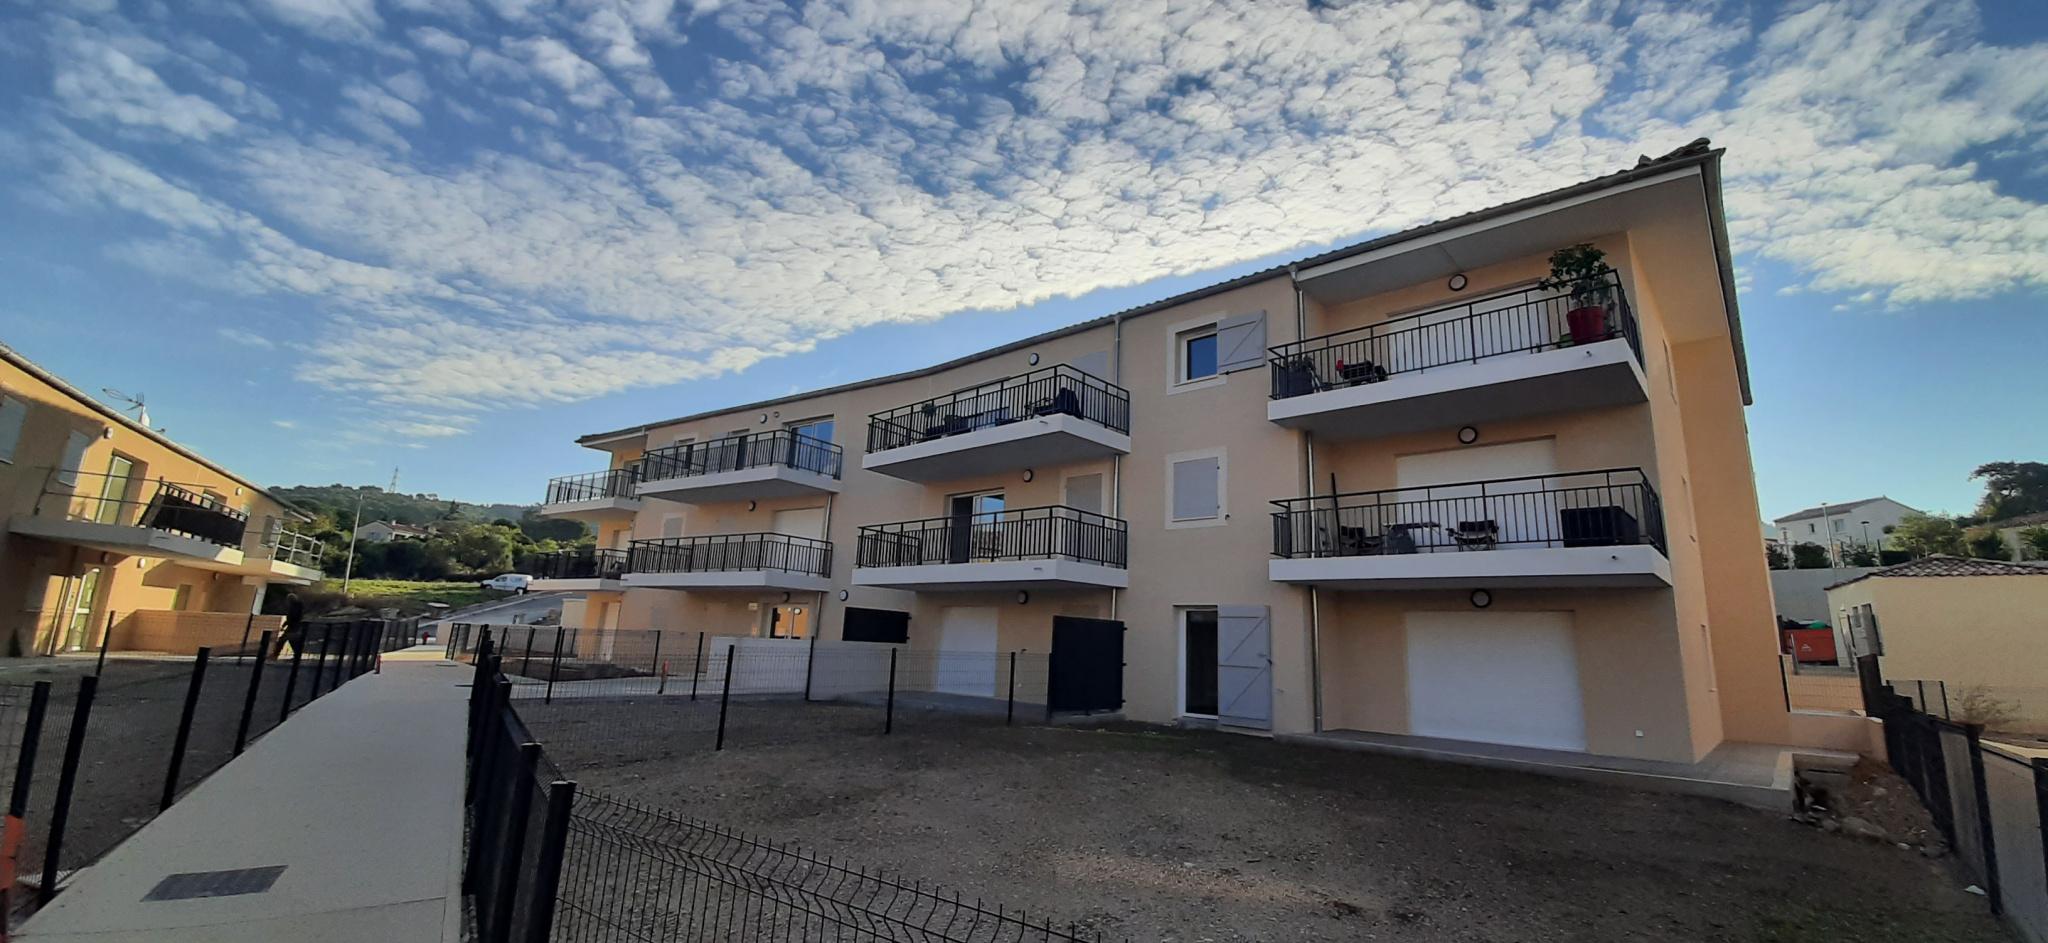 location-appartement-Le-Logis-Neuf-13190-2 pièces